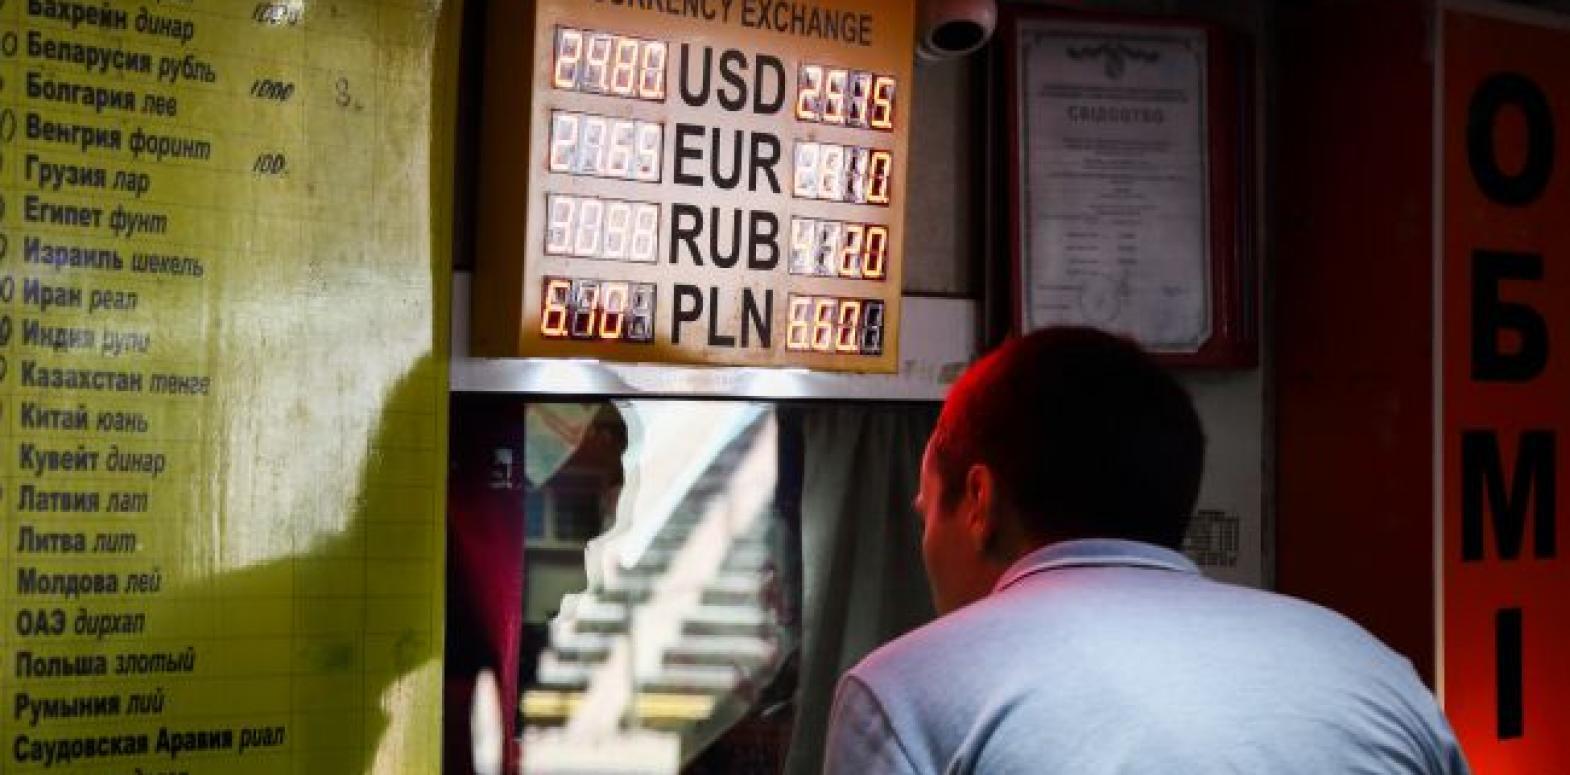 Эксперты дали прогноз курса доллара в конце августа